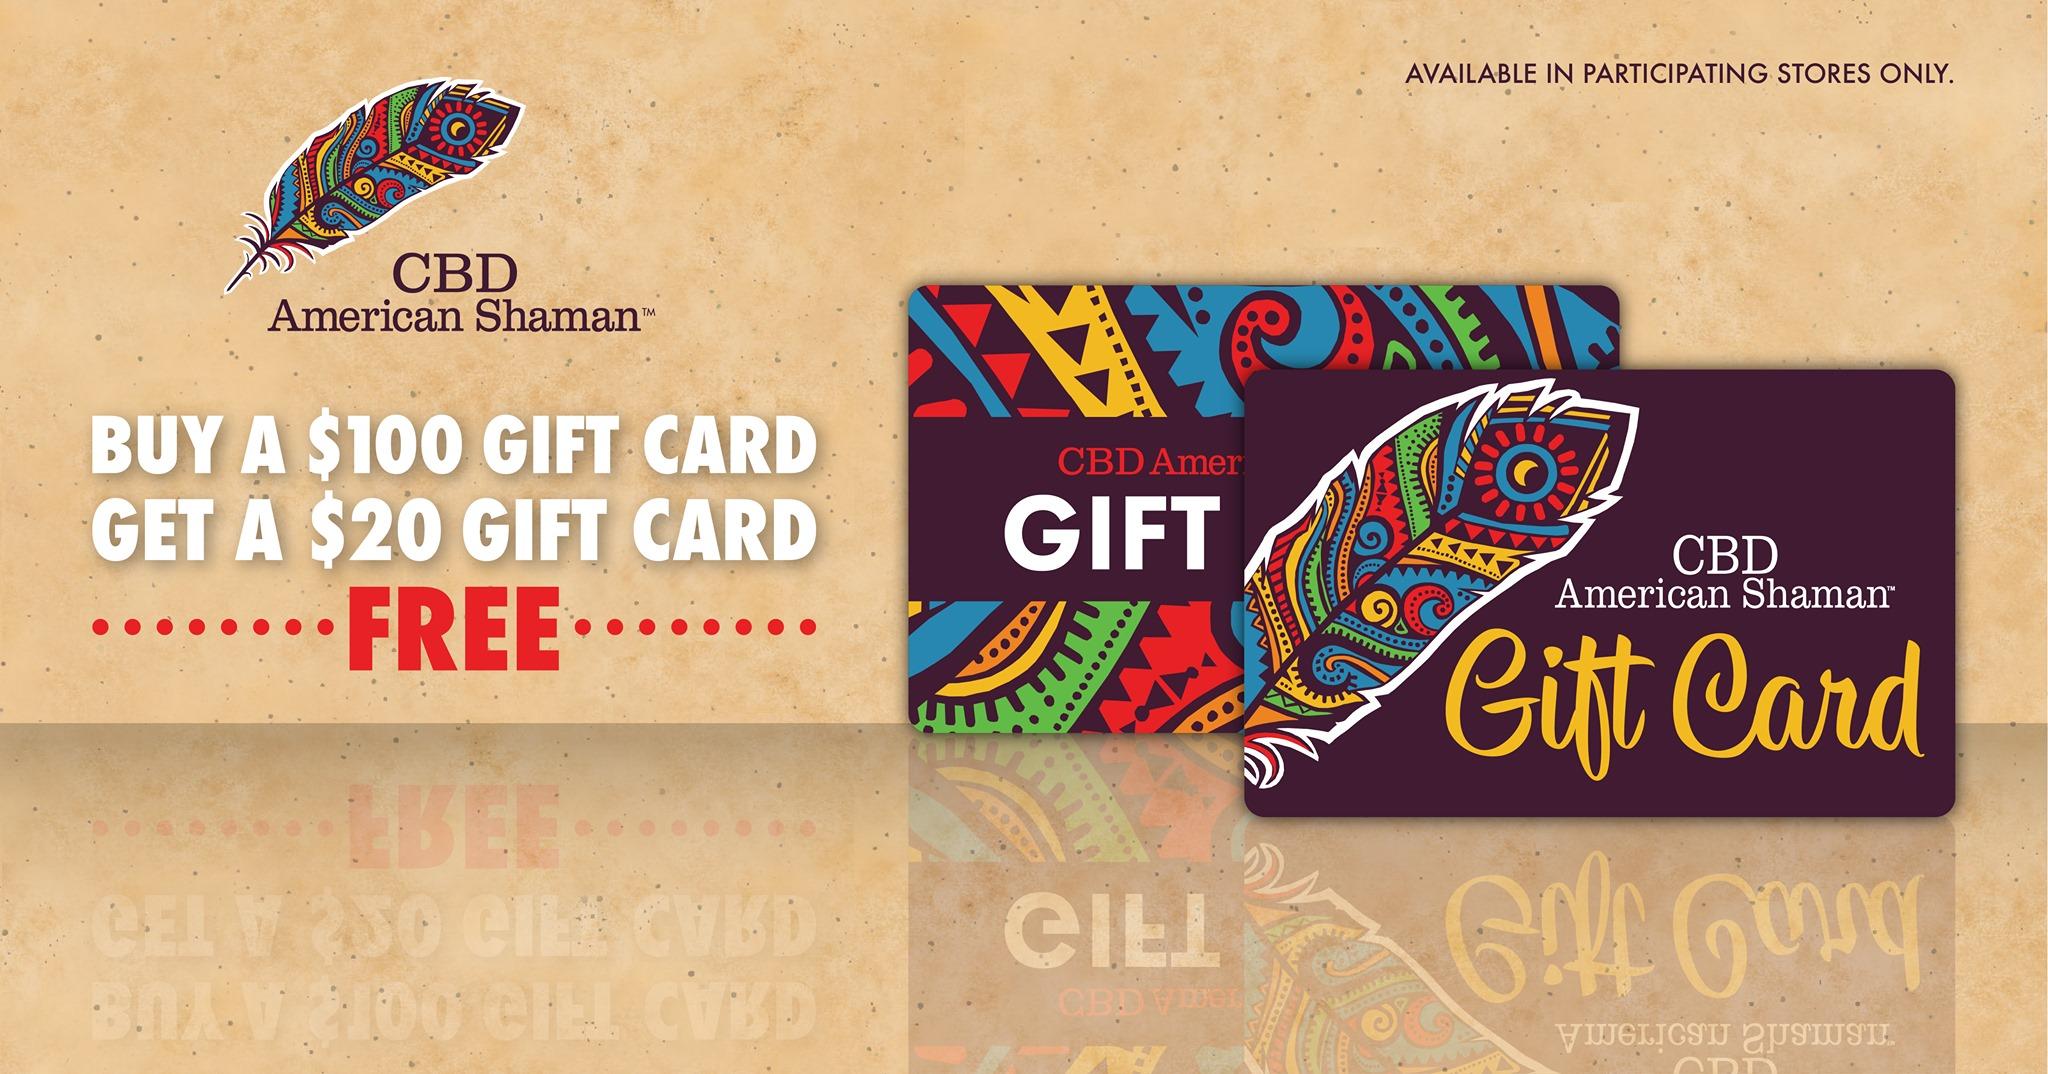 gift-card-buy-100-get-20.jpg